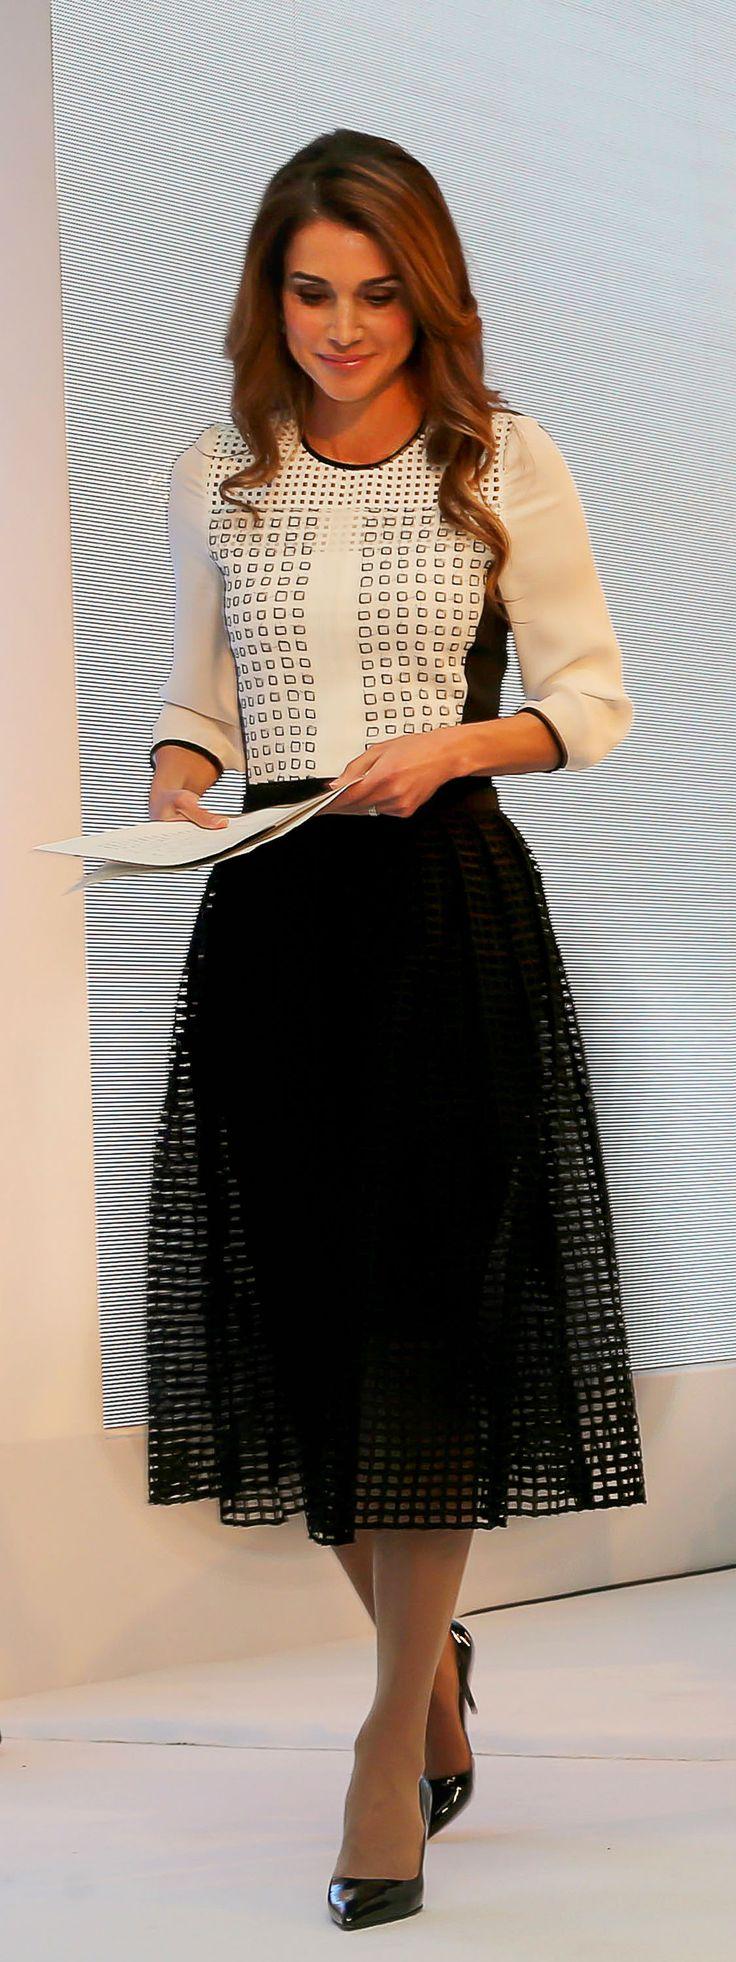 -Queen Rania of Jordan.